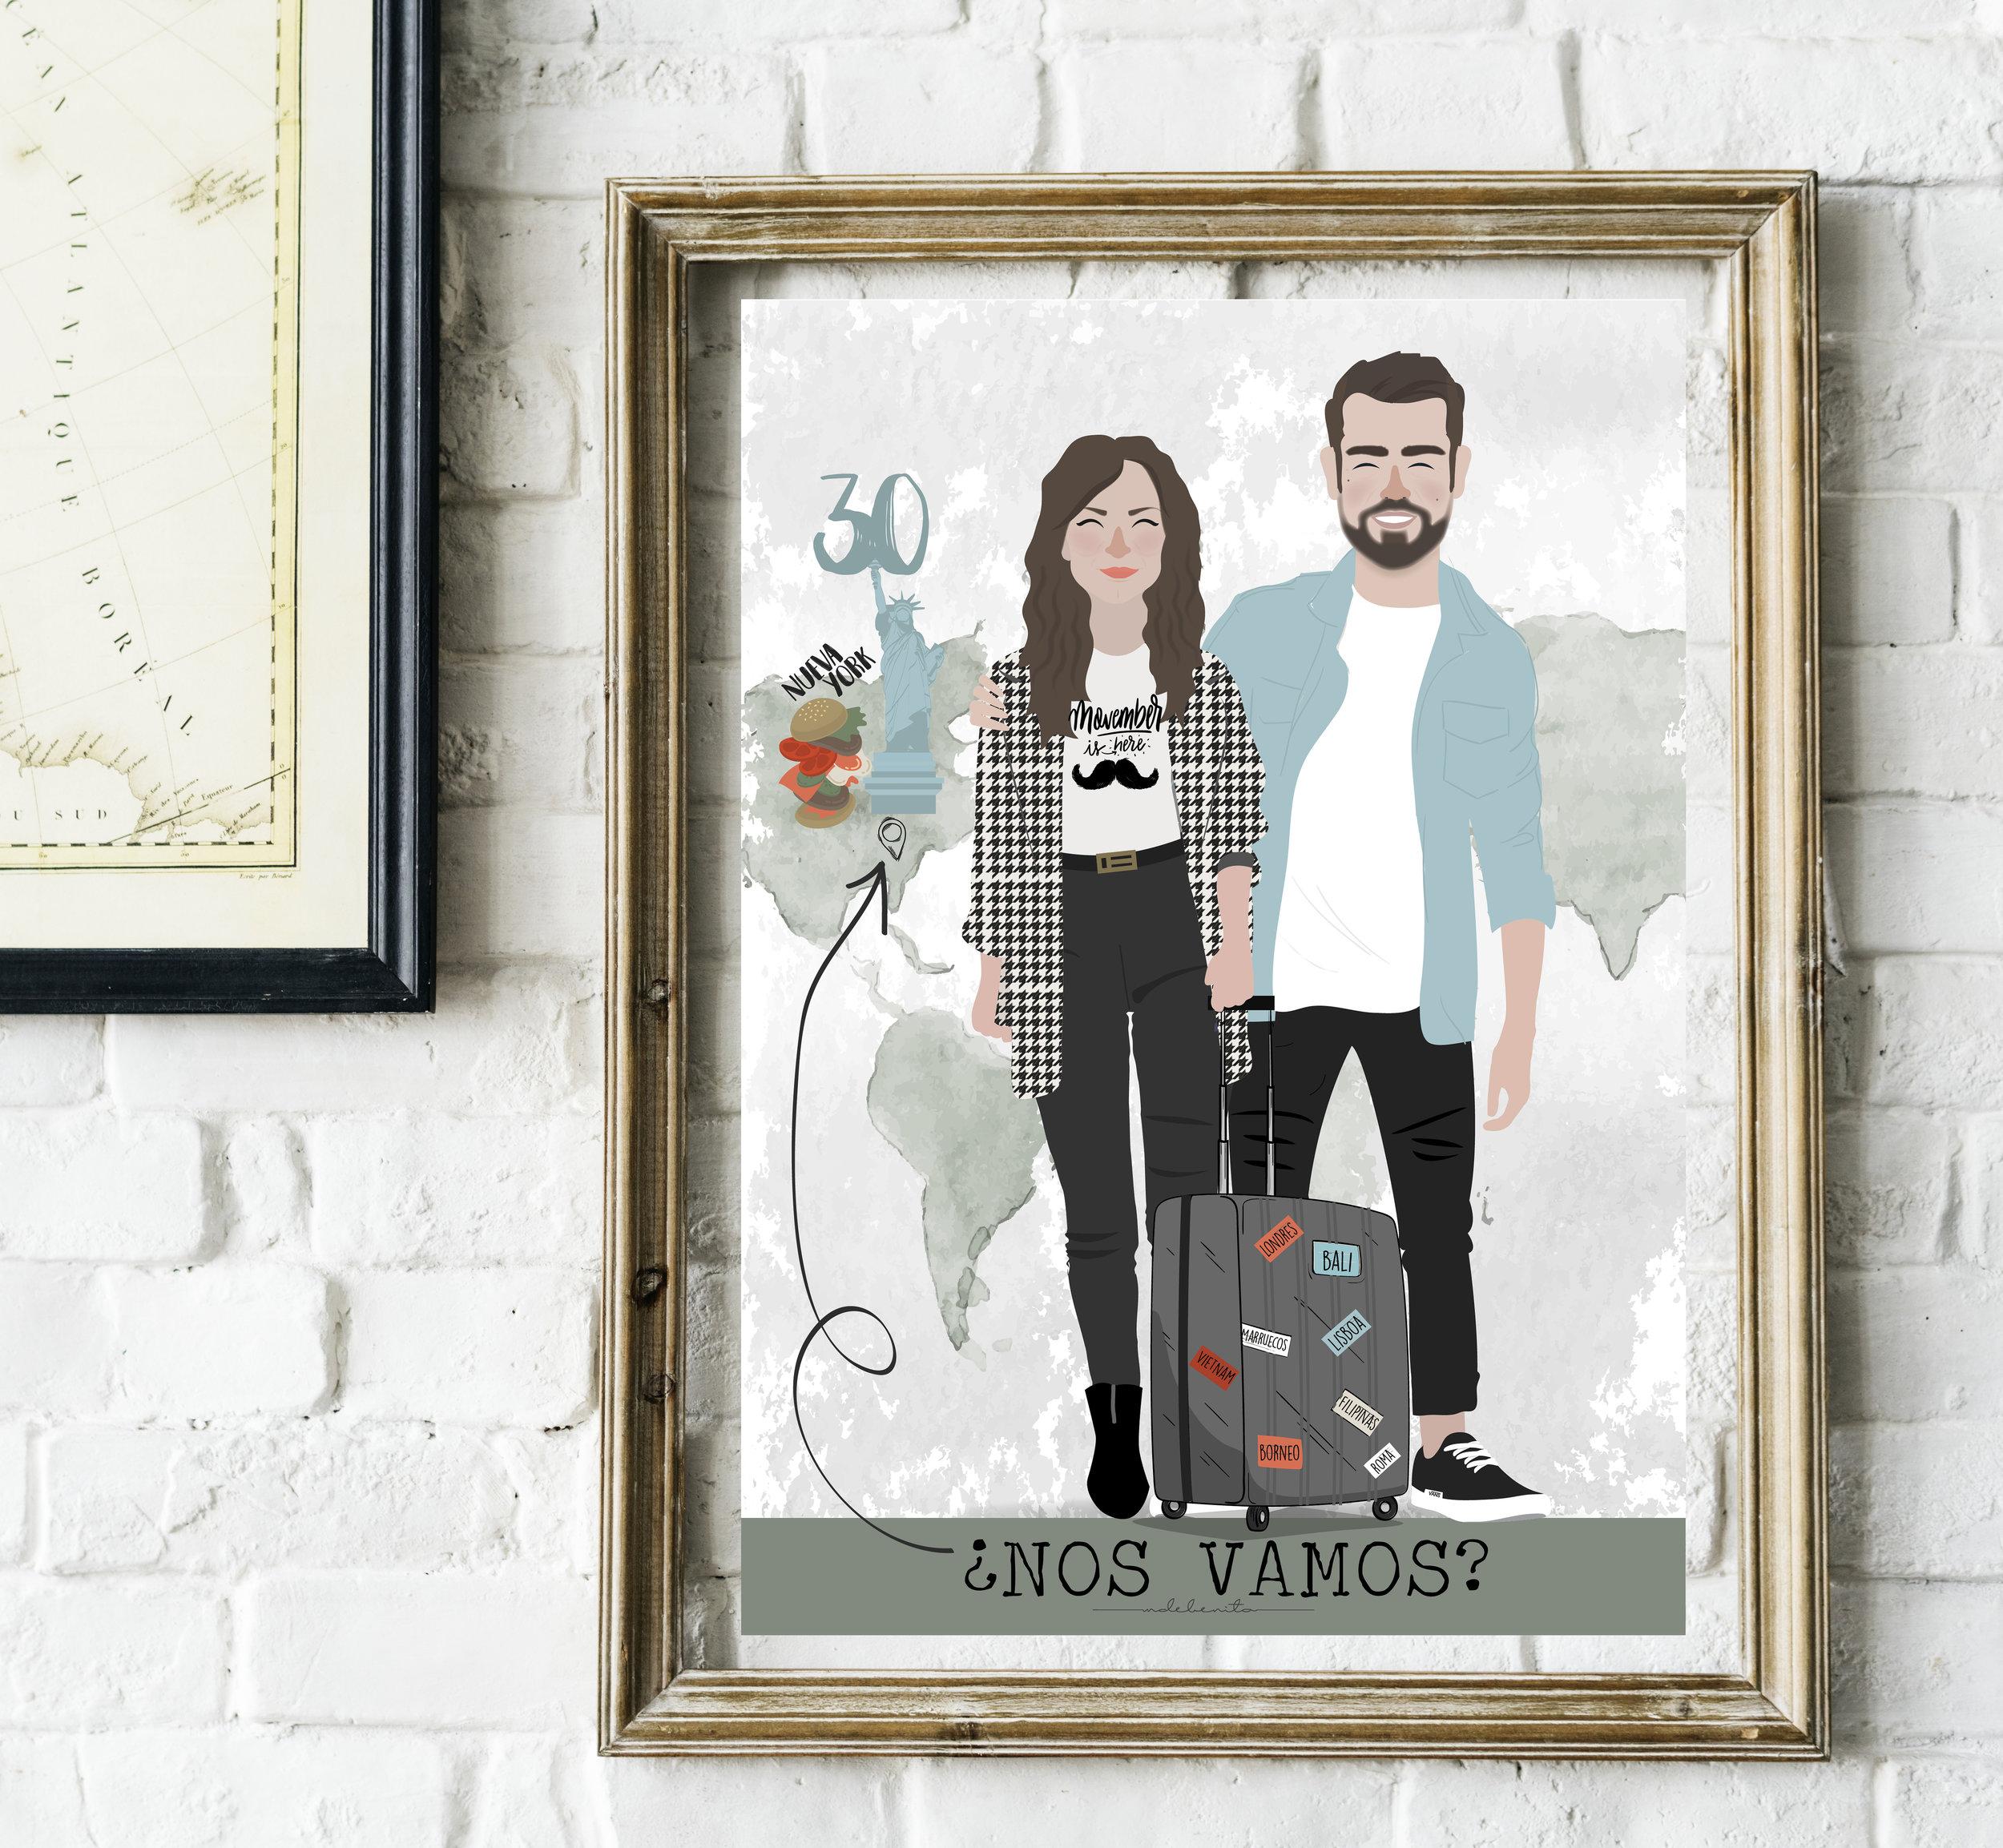 ilustracion-personalizada-mdebenito-pareja-regalo-cumpleaños-asturias.jpg